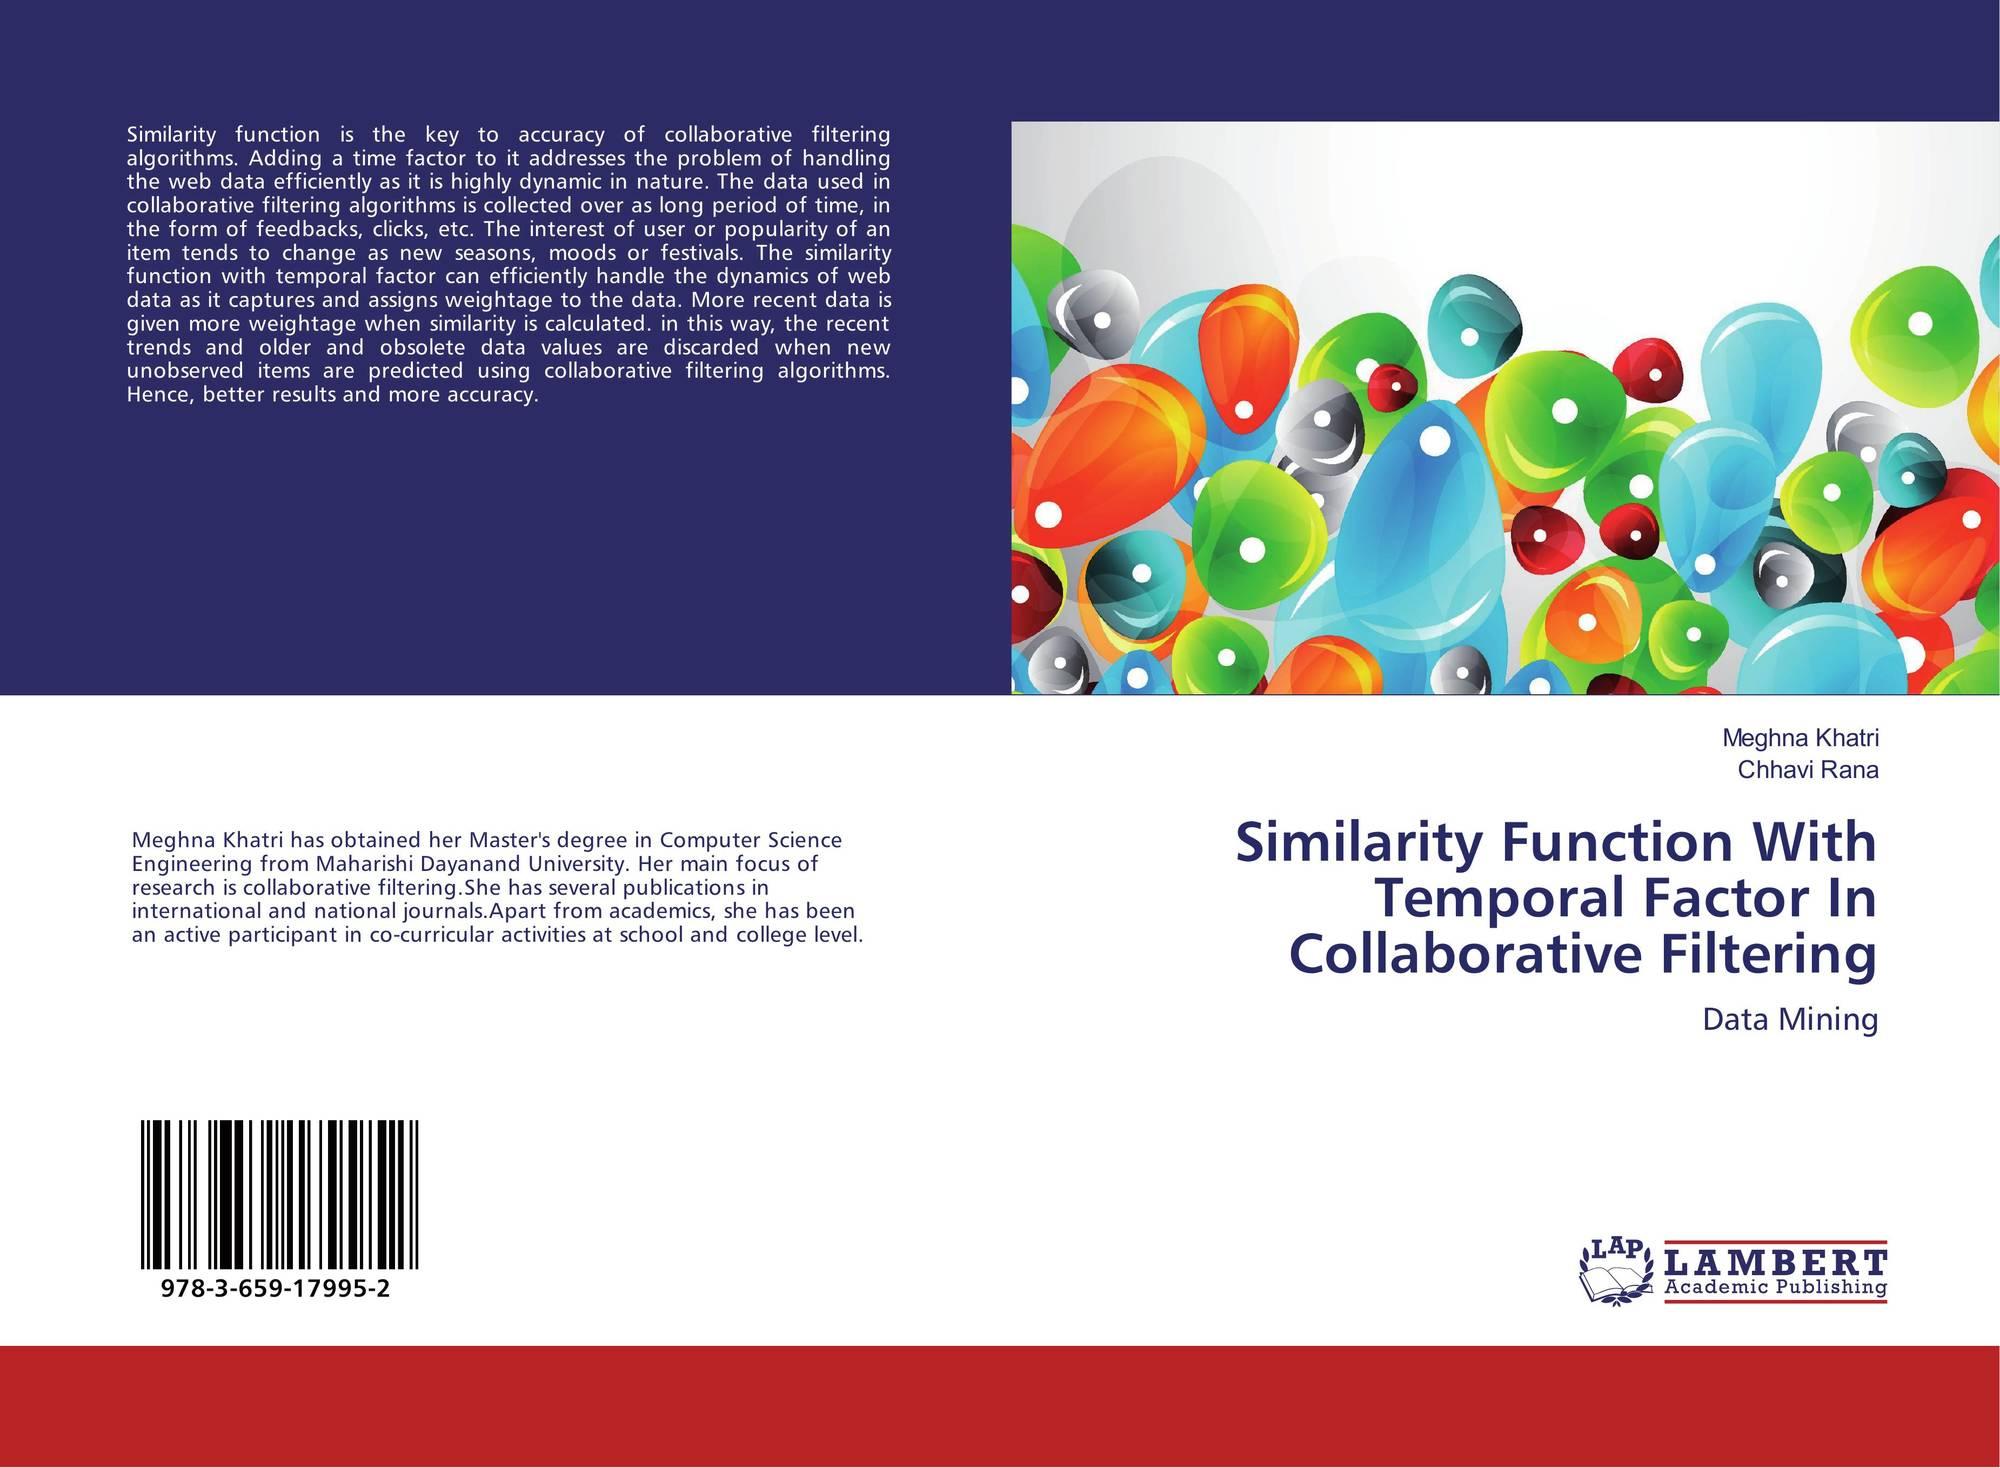 Добавить книгу land cover dynamics in miombo ecosystems с номером 978-3-639-03737-1 в вашу корзину